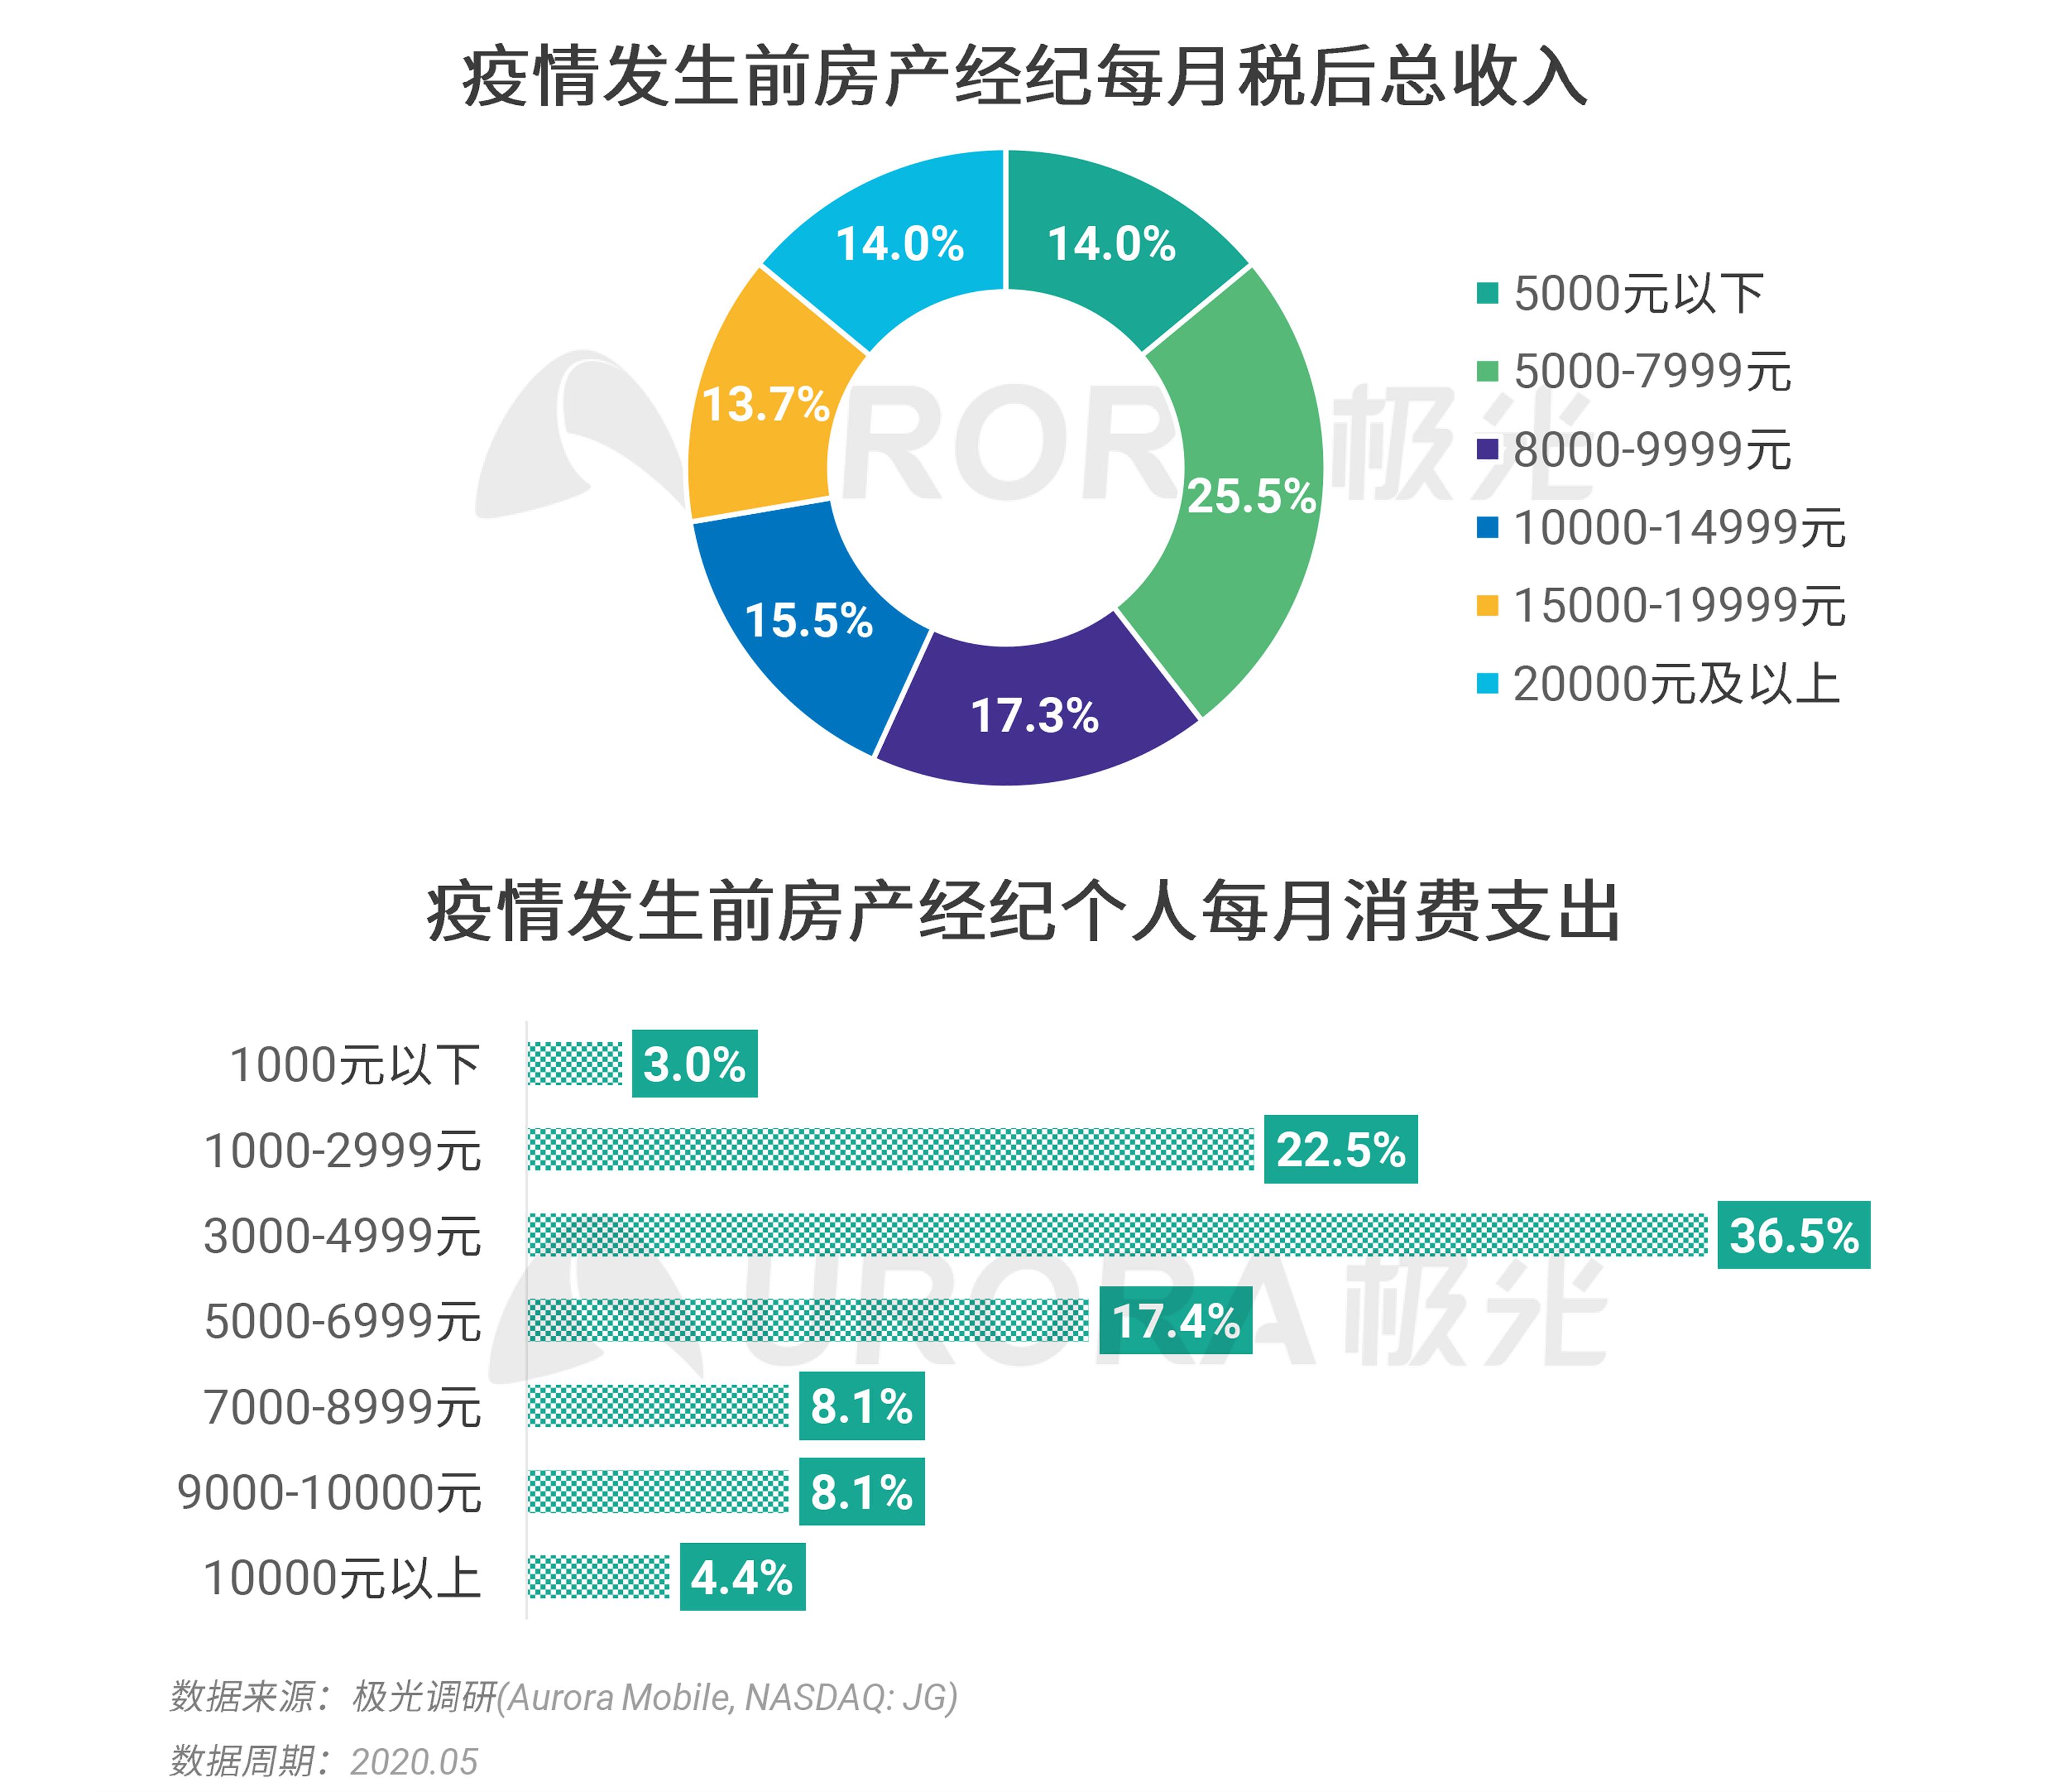 极光:2020年房产经纪行业和购房市场洞察报告 (20).png